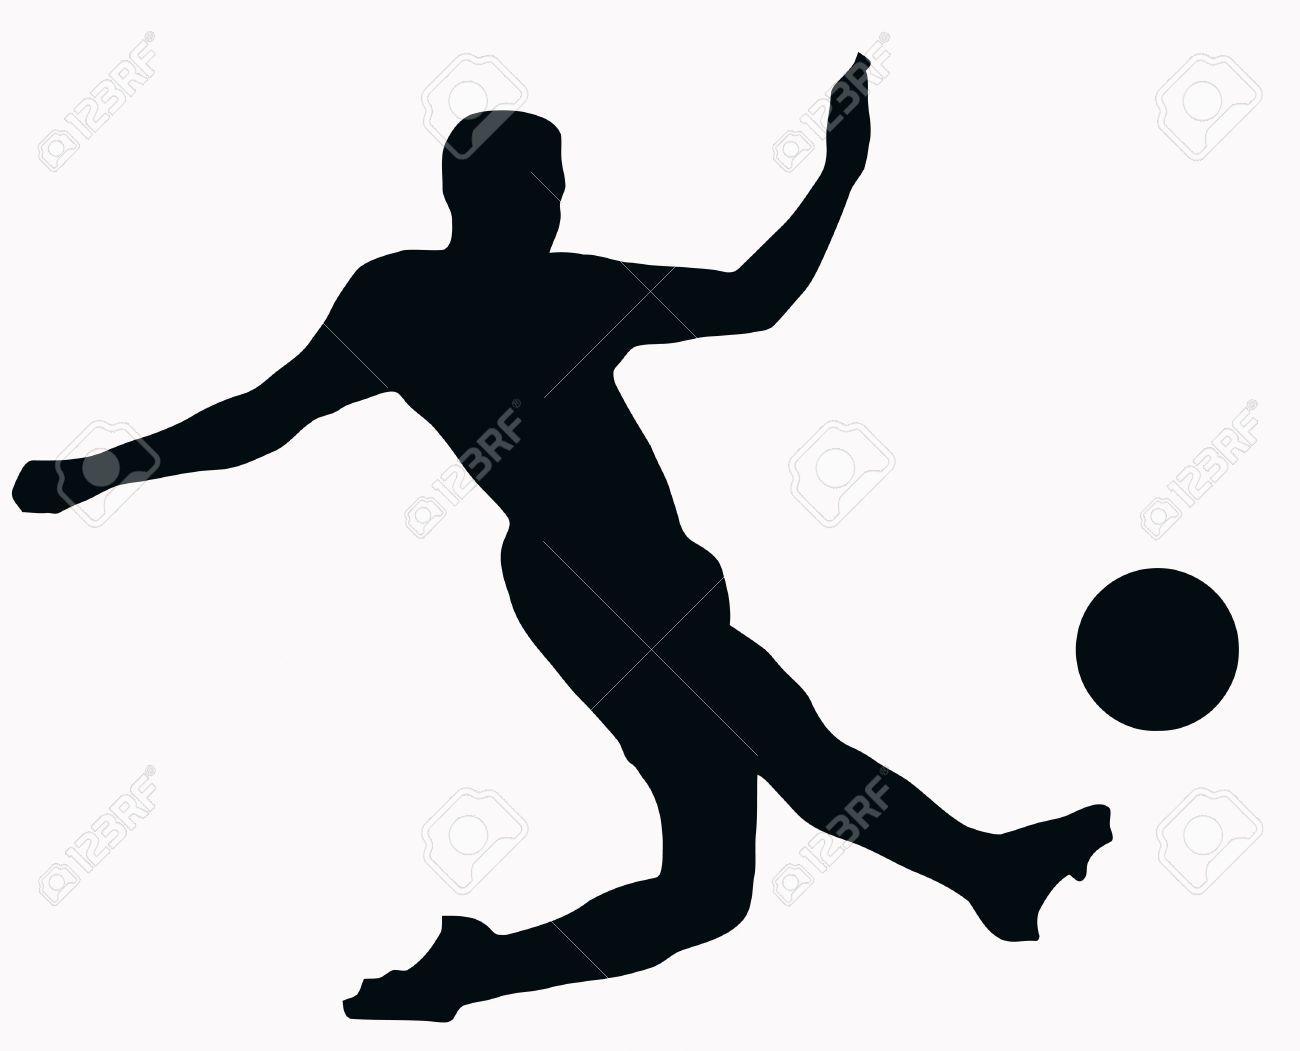 Fondos De Pantalla Fútbol Pelota Silueta Deporte: Http://previews.123rf.com/images/cd123/cd1231101